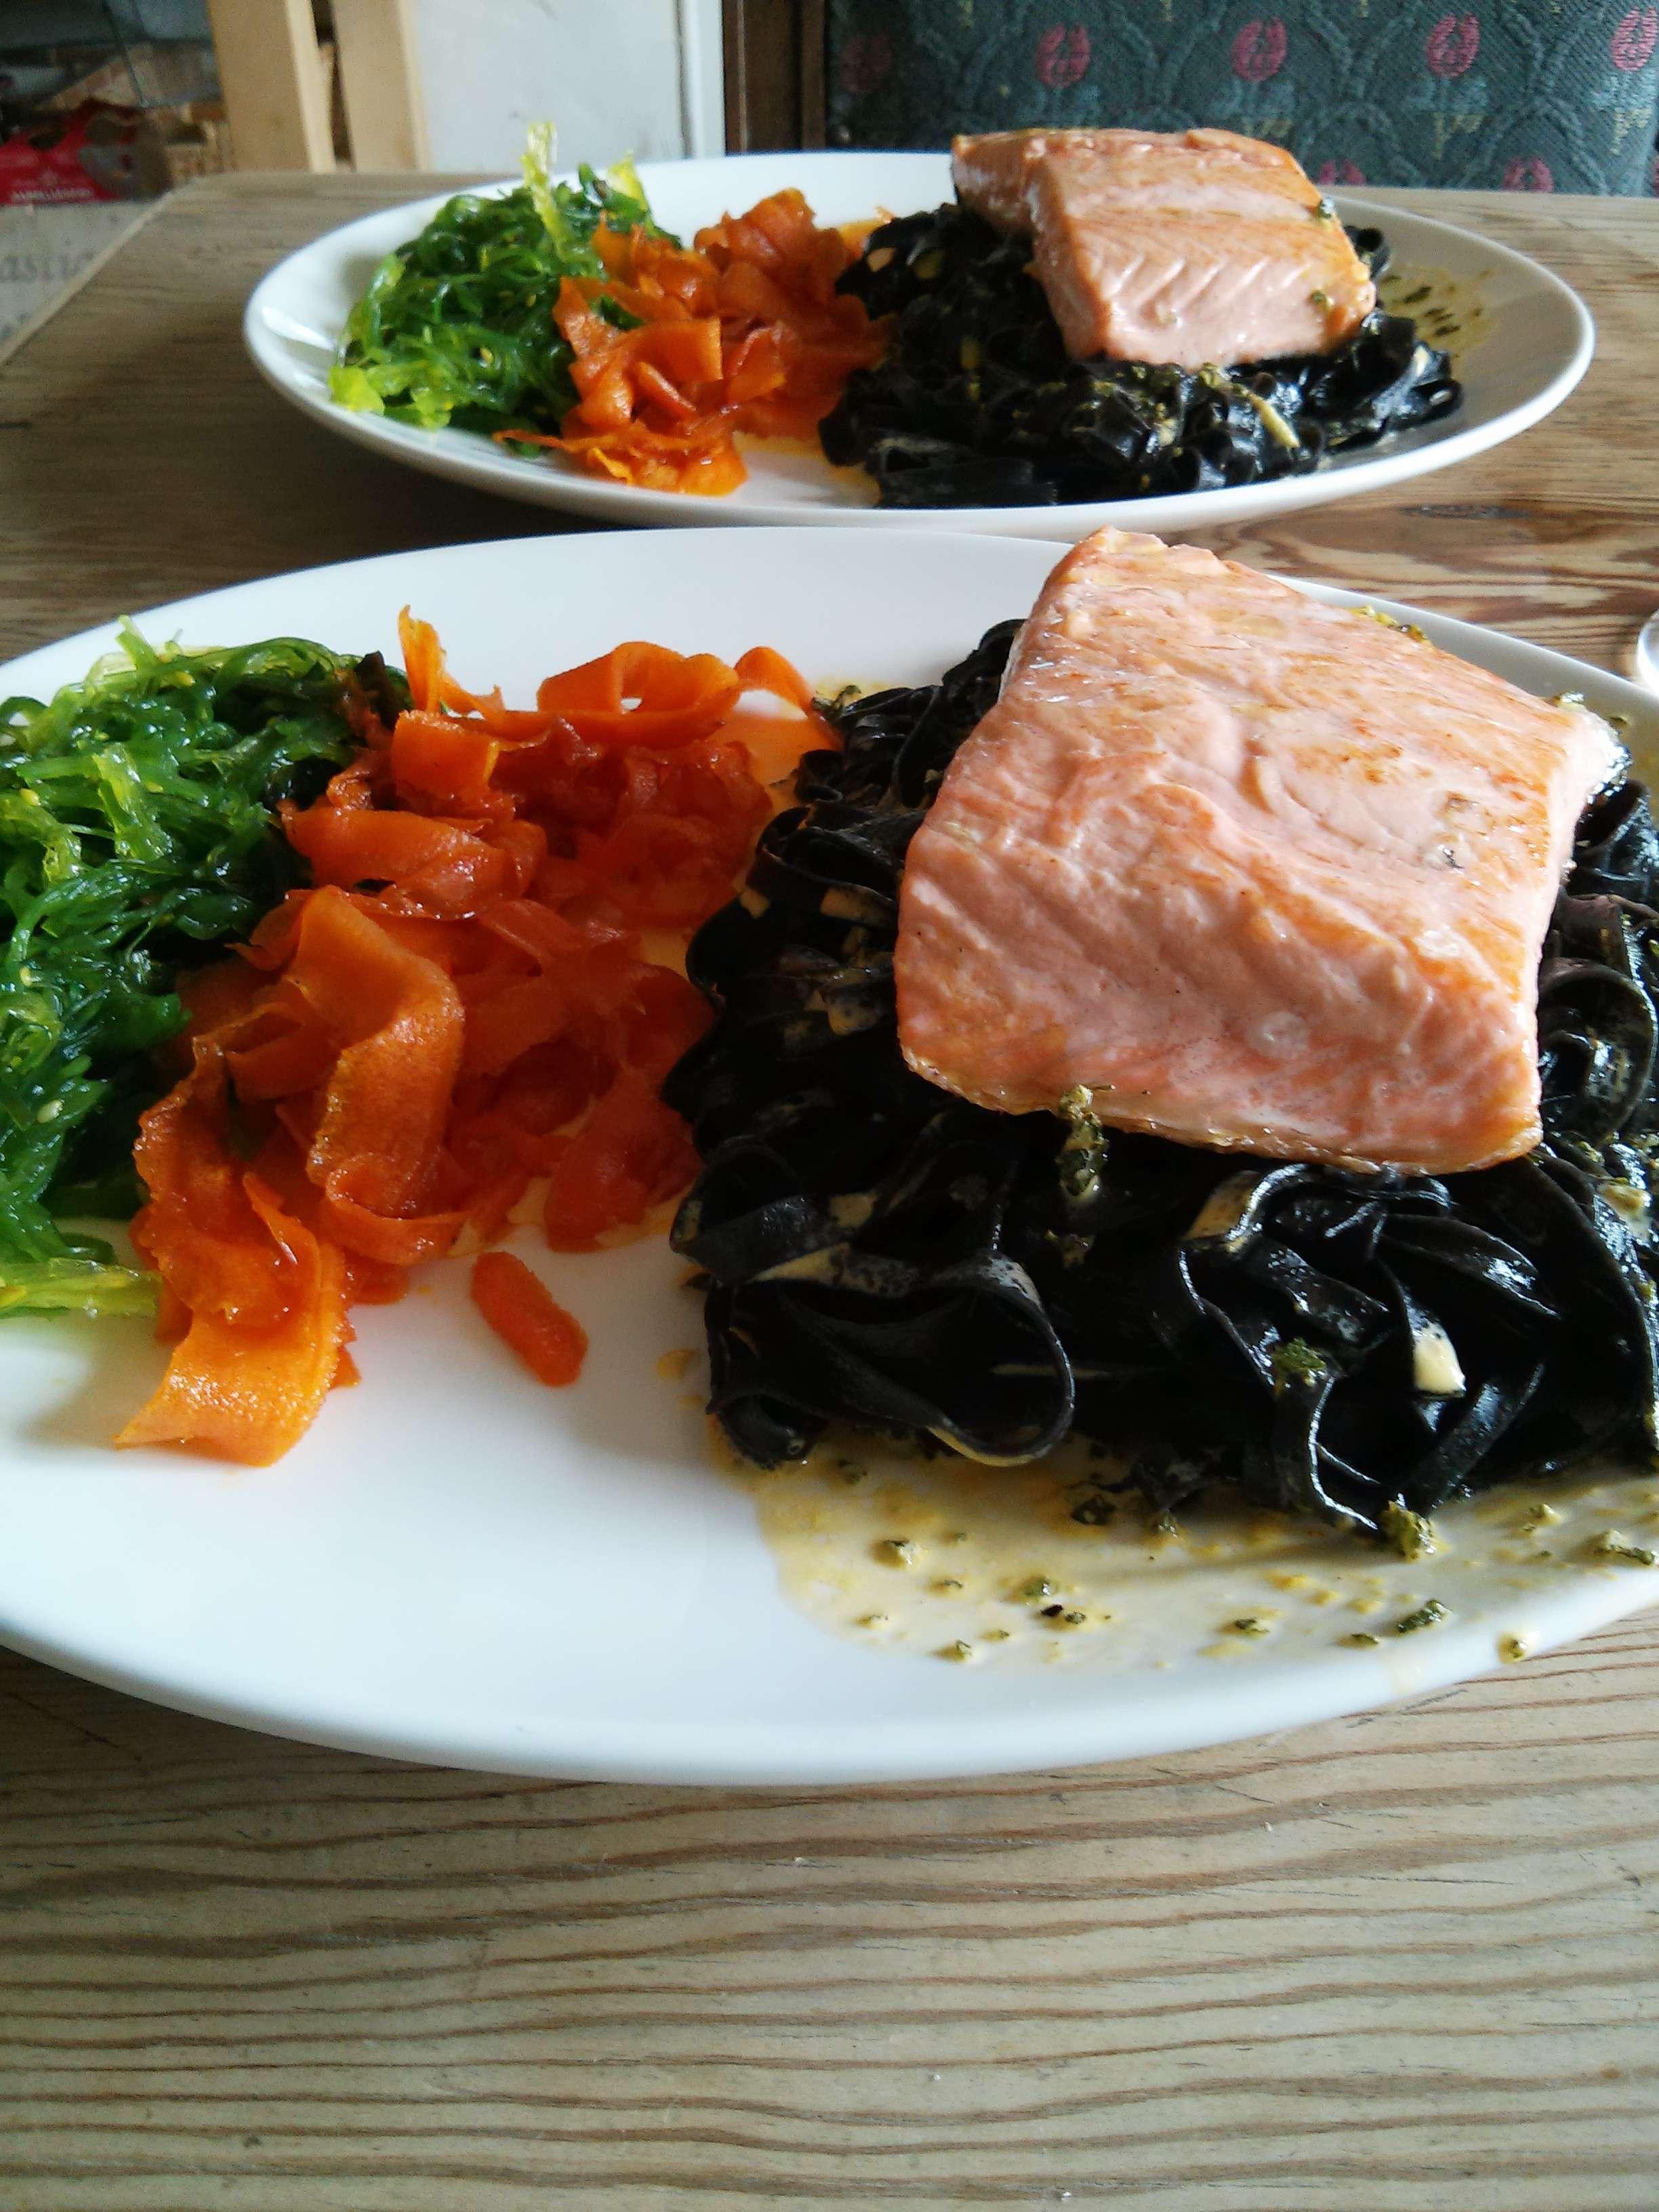 Lachs auf Tintenfischnudeln mit Seealgen, karamellisierten Karotten und Sahne Safran Sauce 3